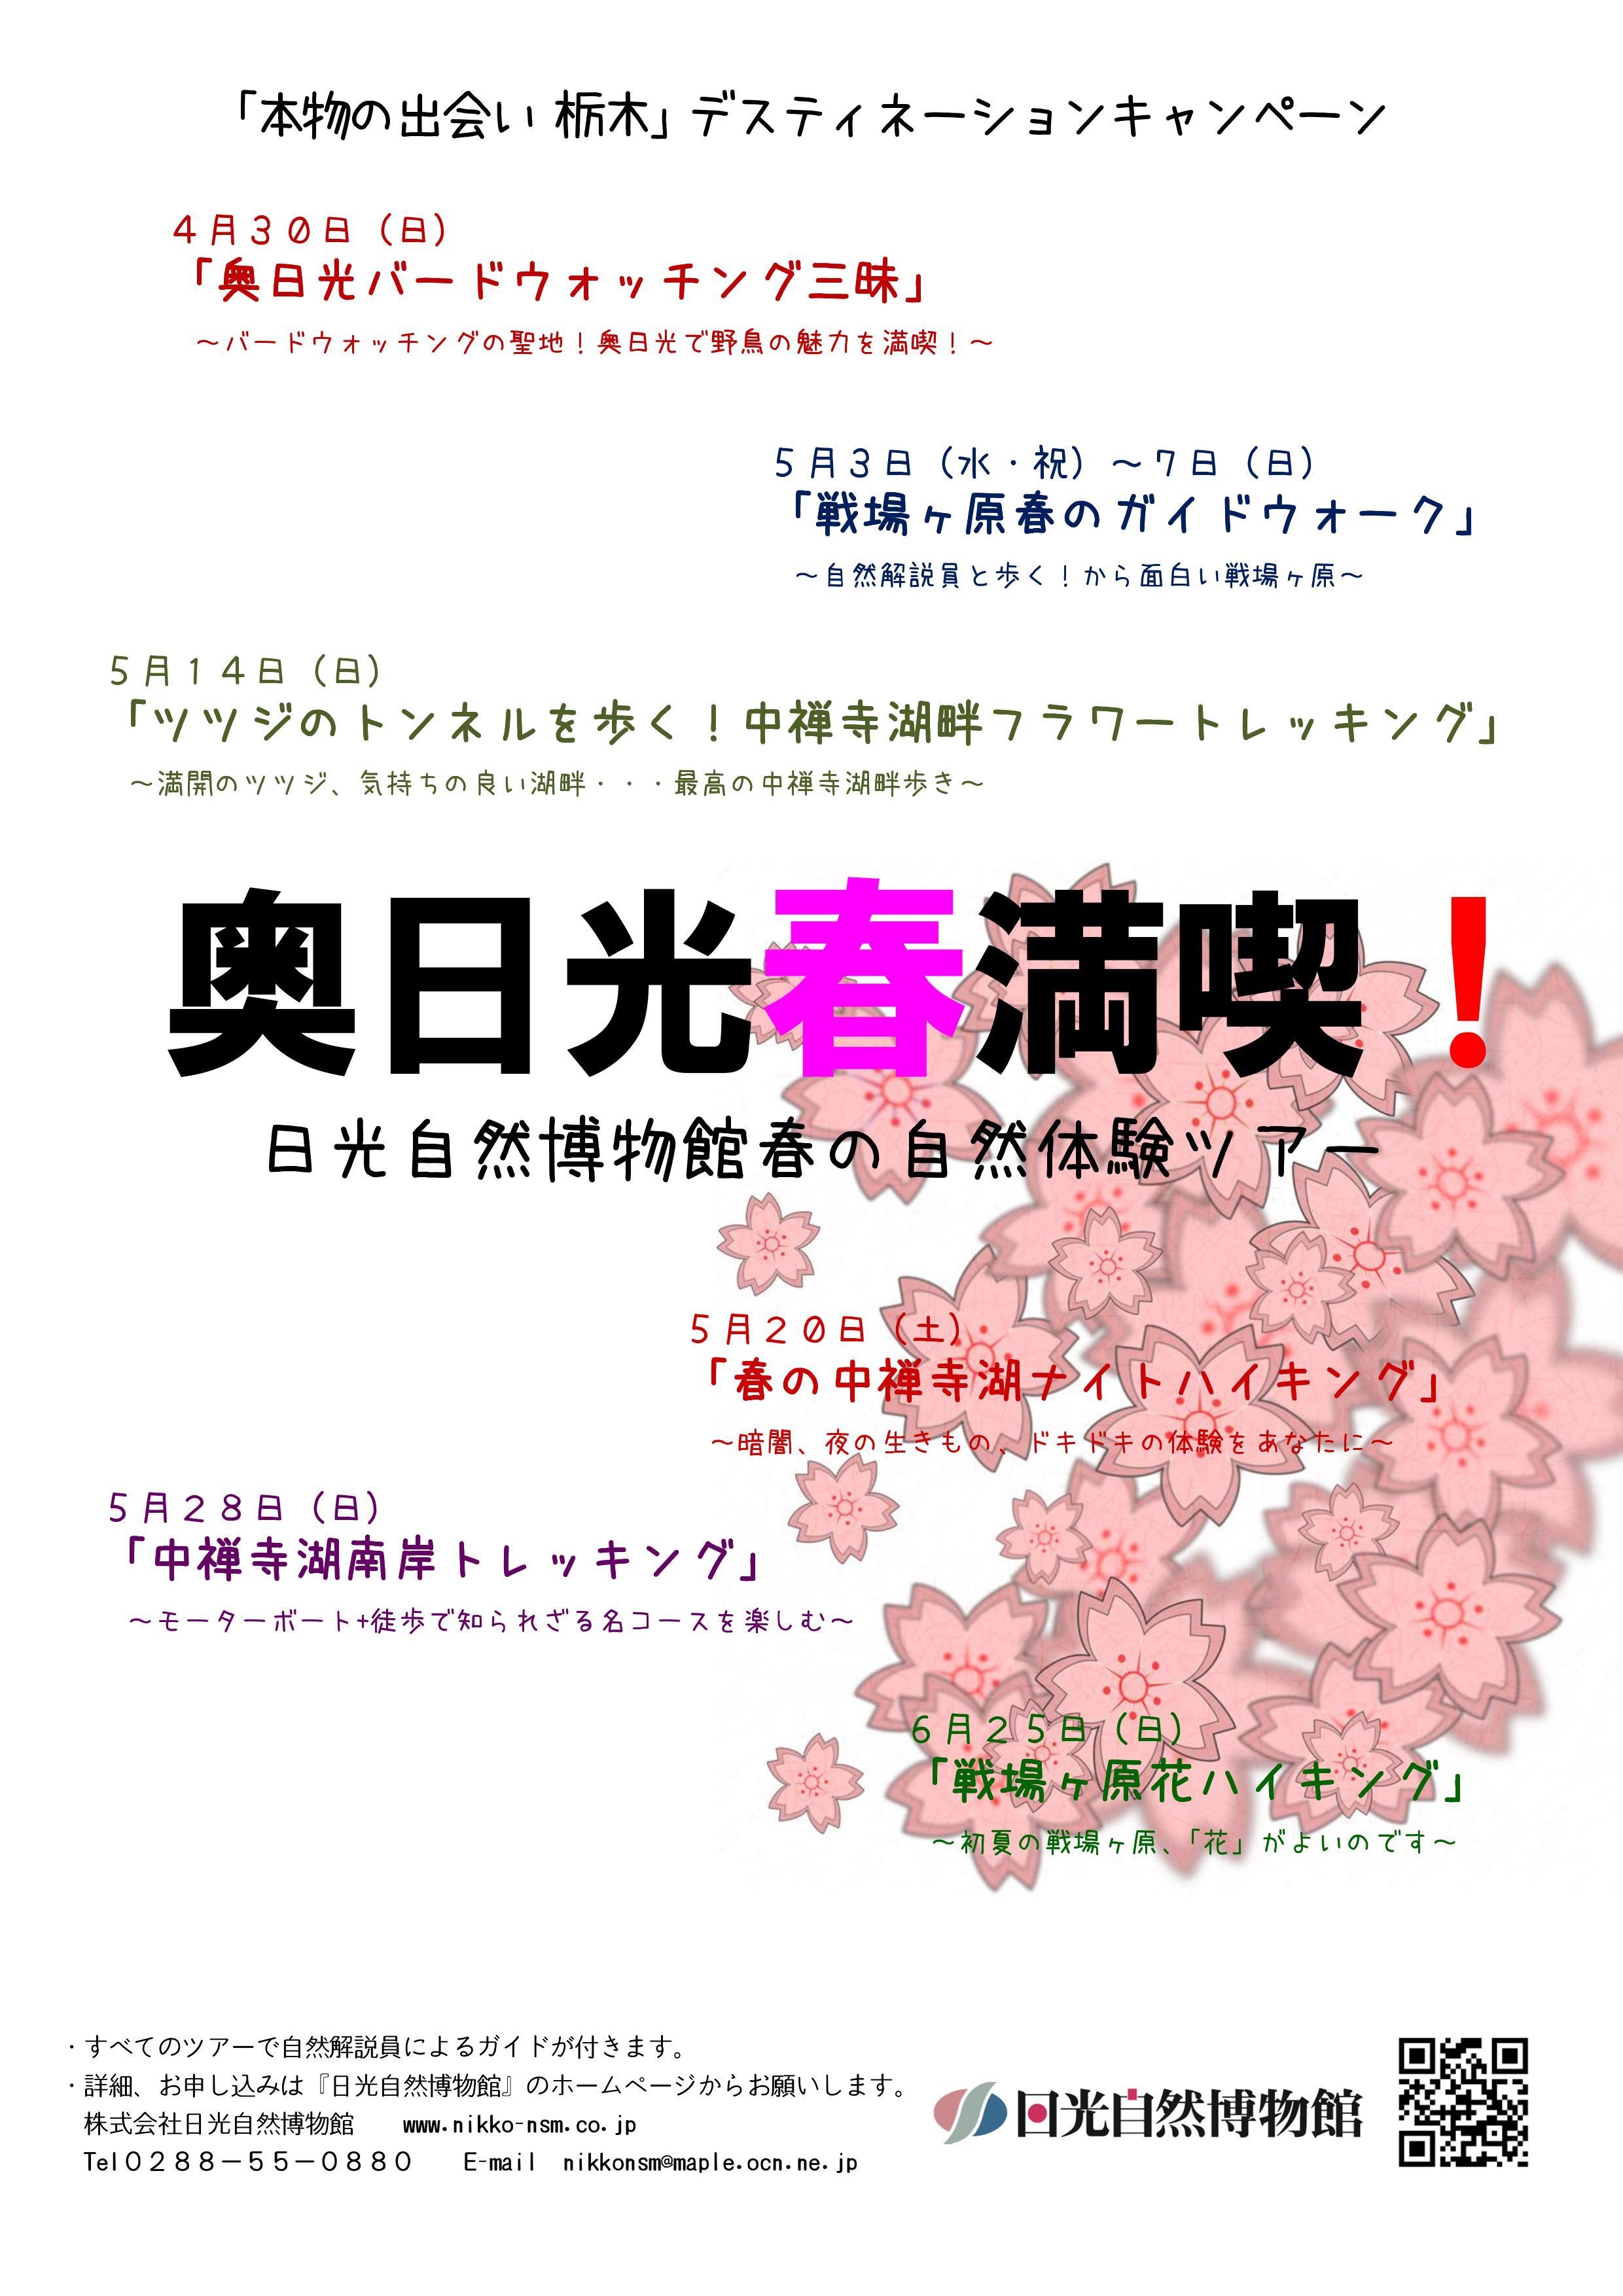 日光自然館春のイベント.jpg